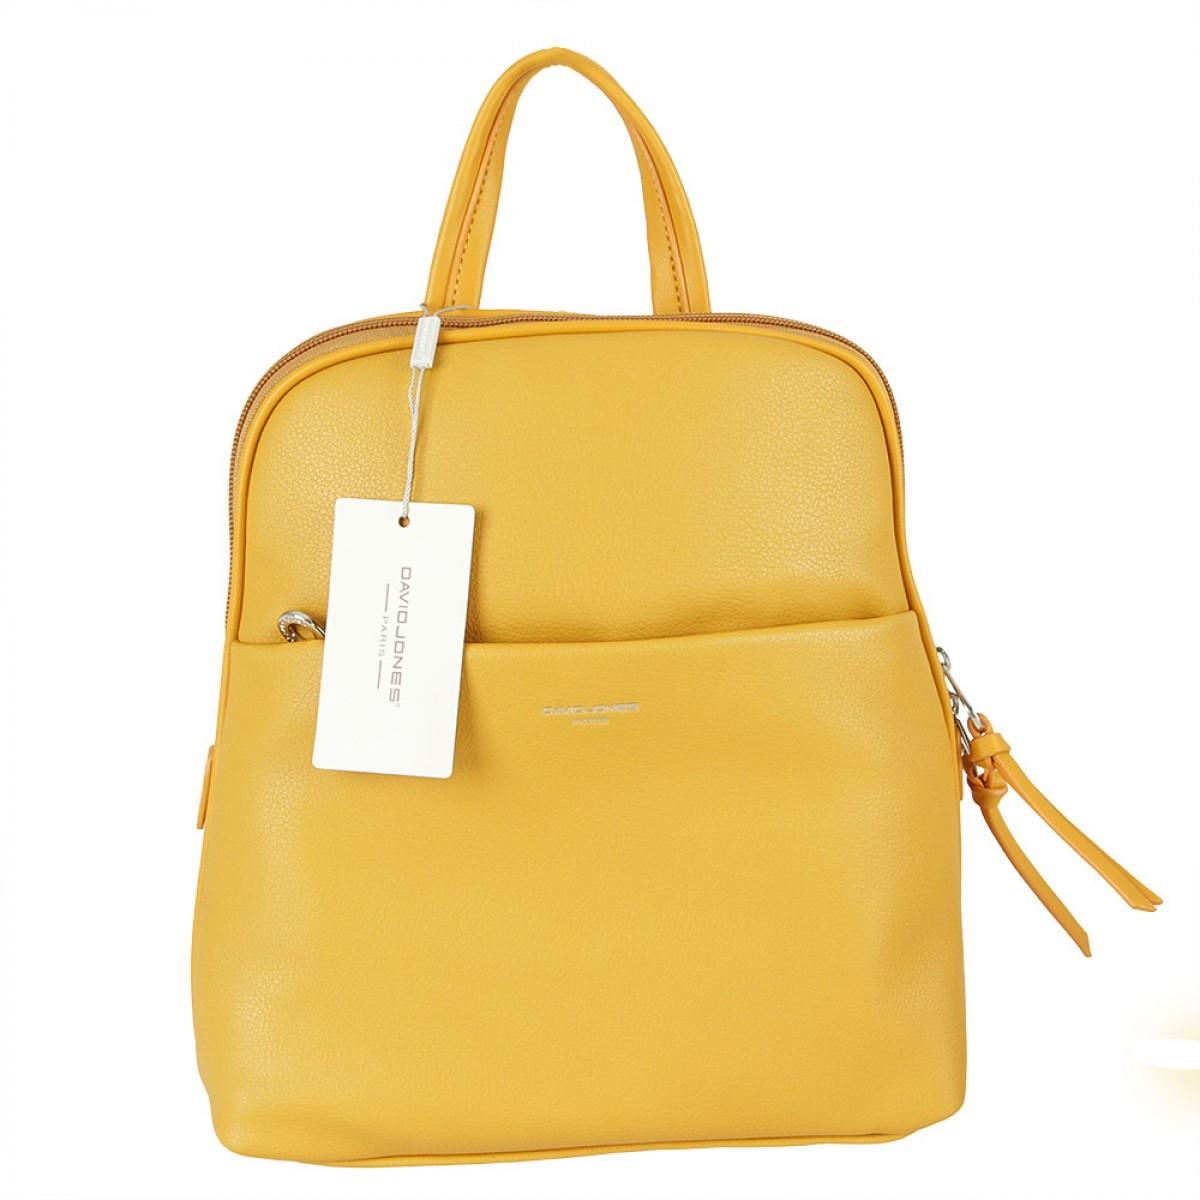 Жіночий рюкзак David Jones 6219-2 YELLOW